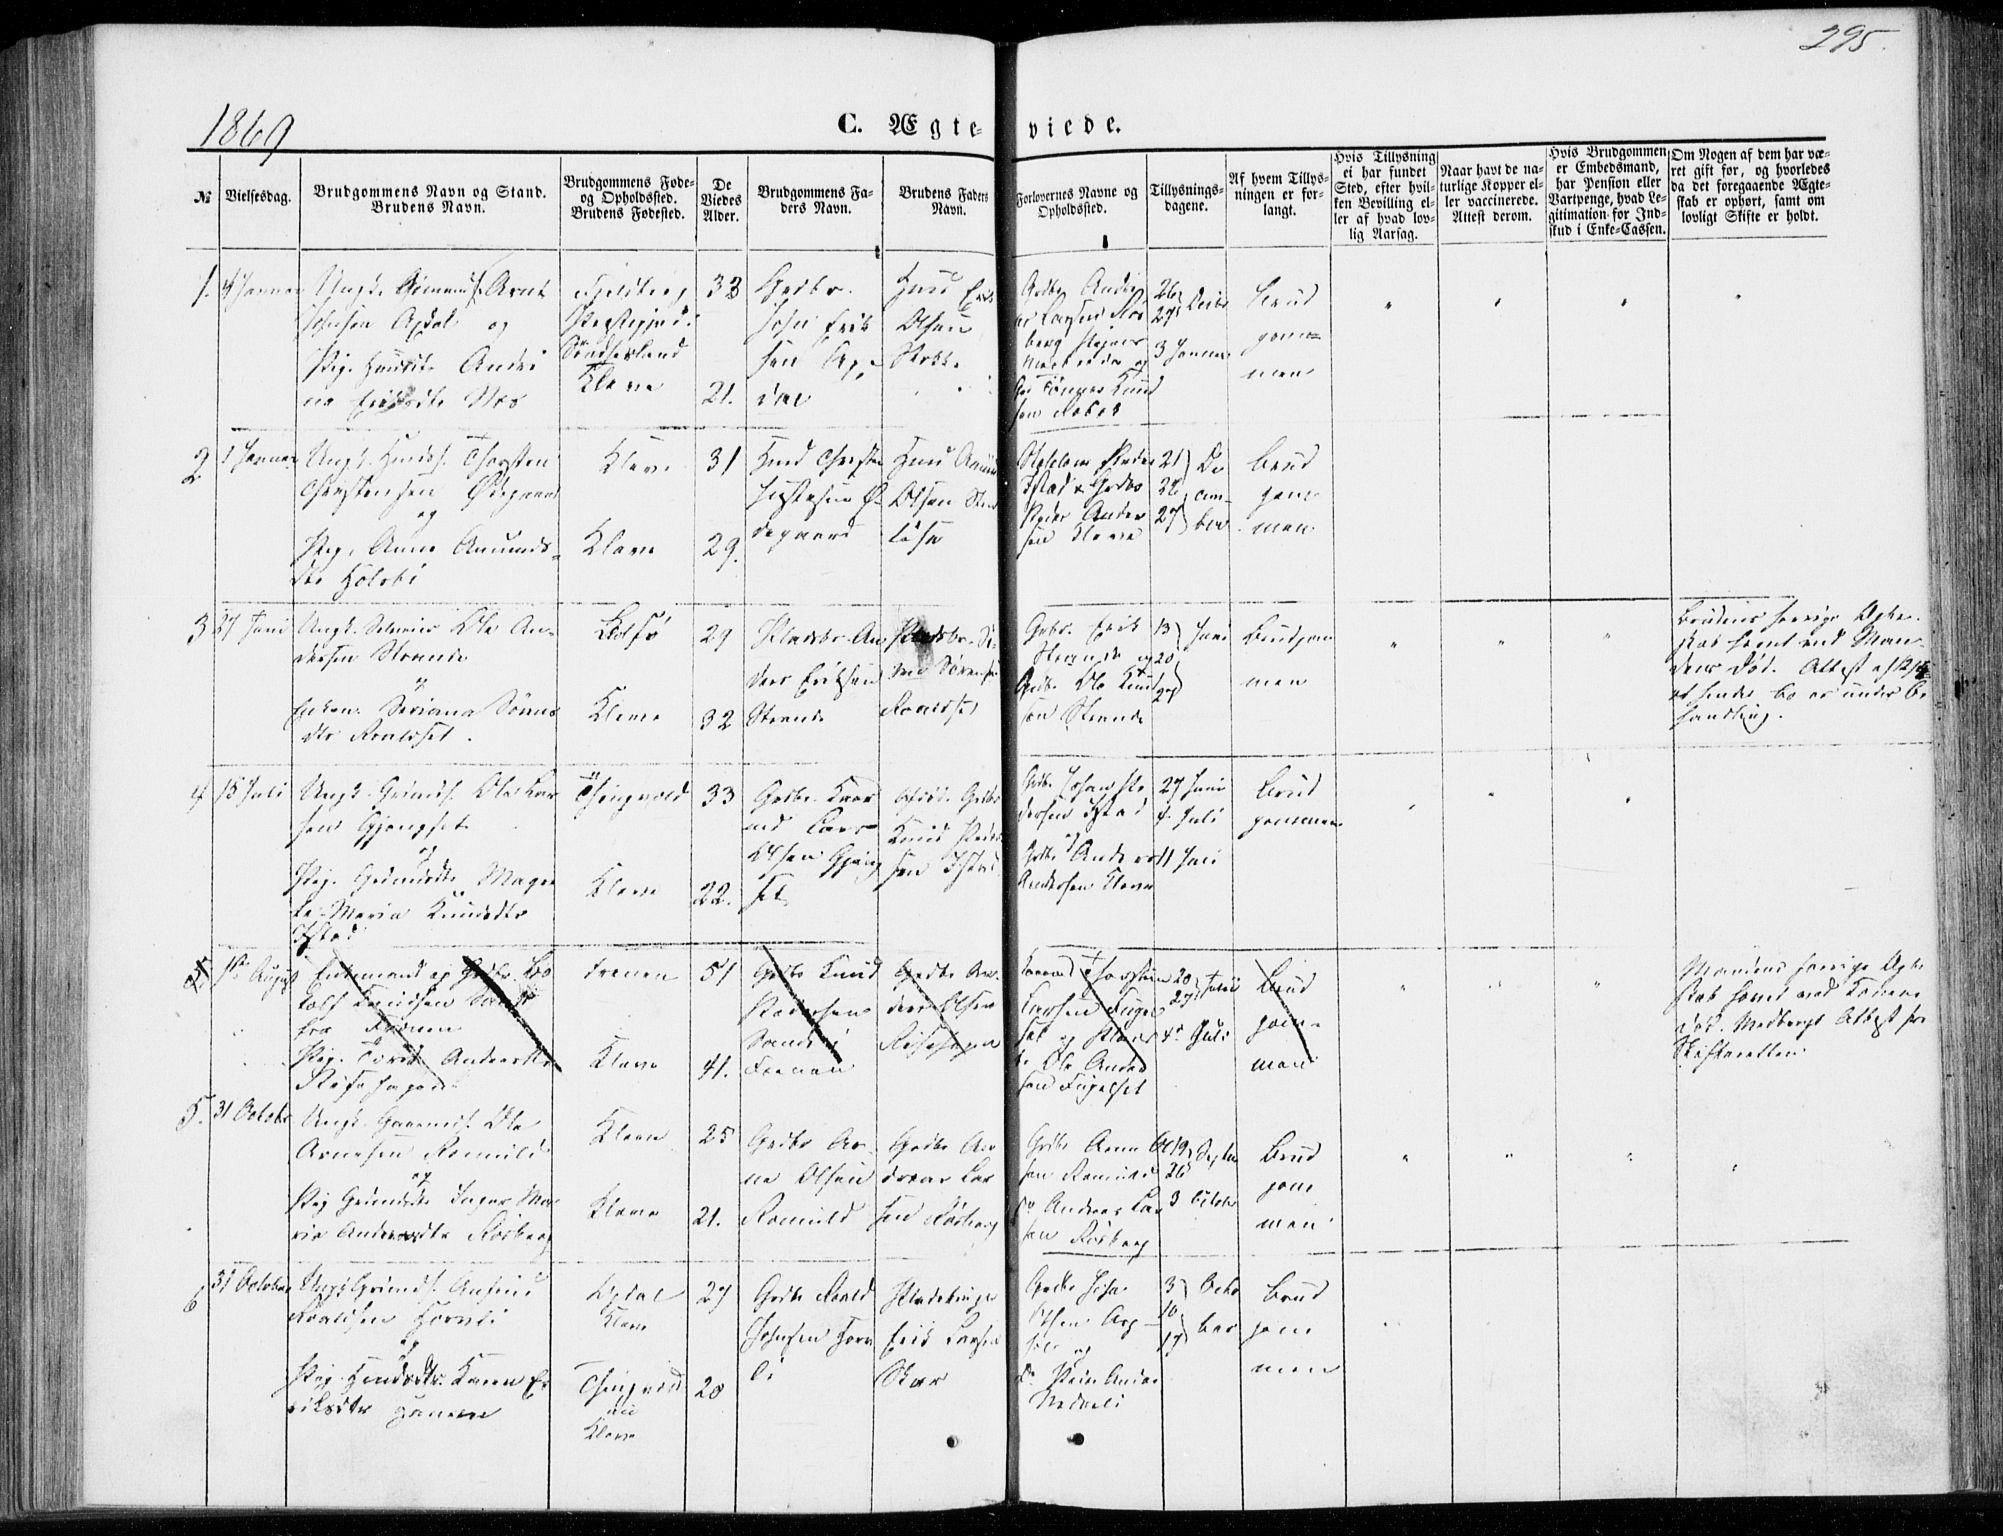 SAT, Ministerialprotokoller, klokkerbøker og fødselsregistre - Møre og Romsdal, 557/L0681: Ministerialbok nr. 557A03, 1869-1886, s. 295